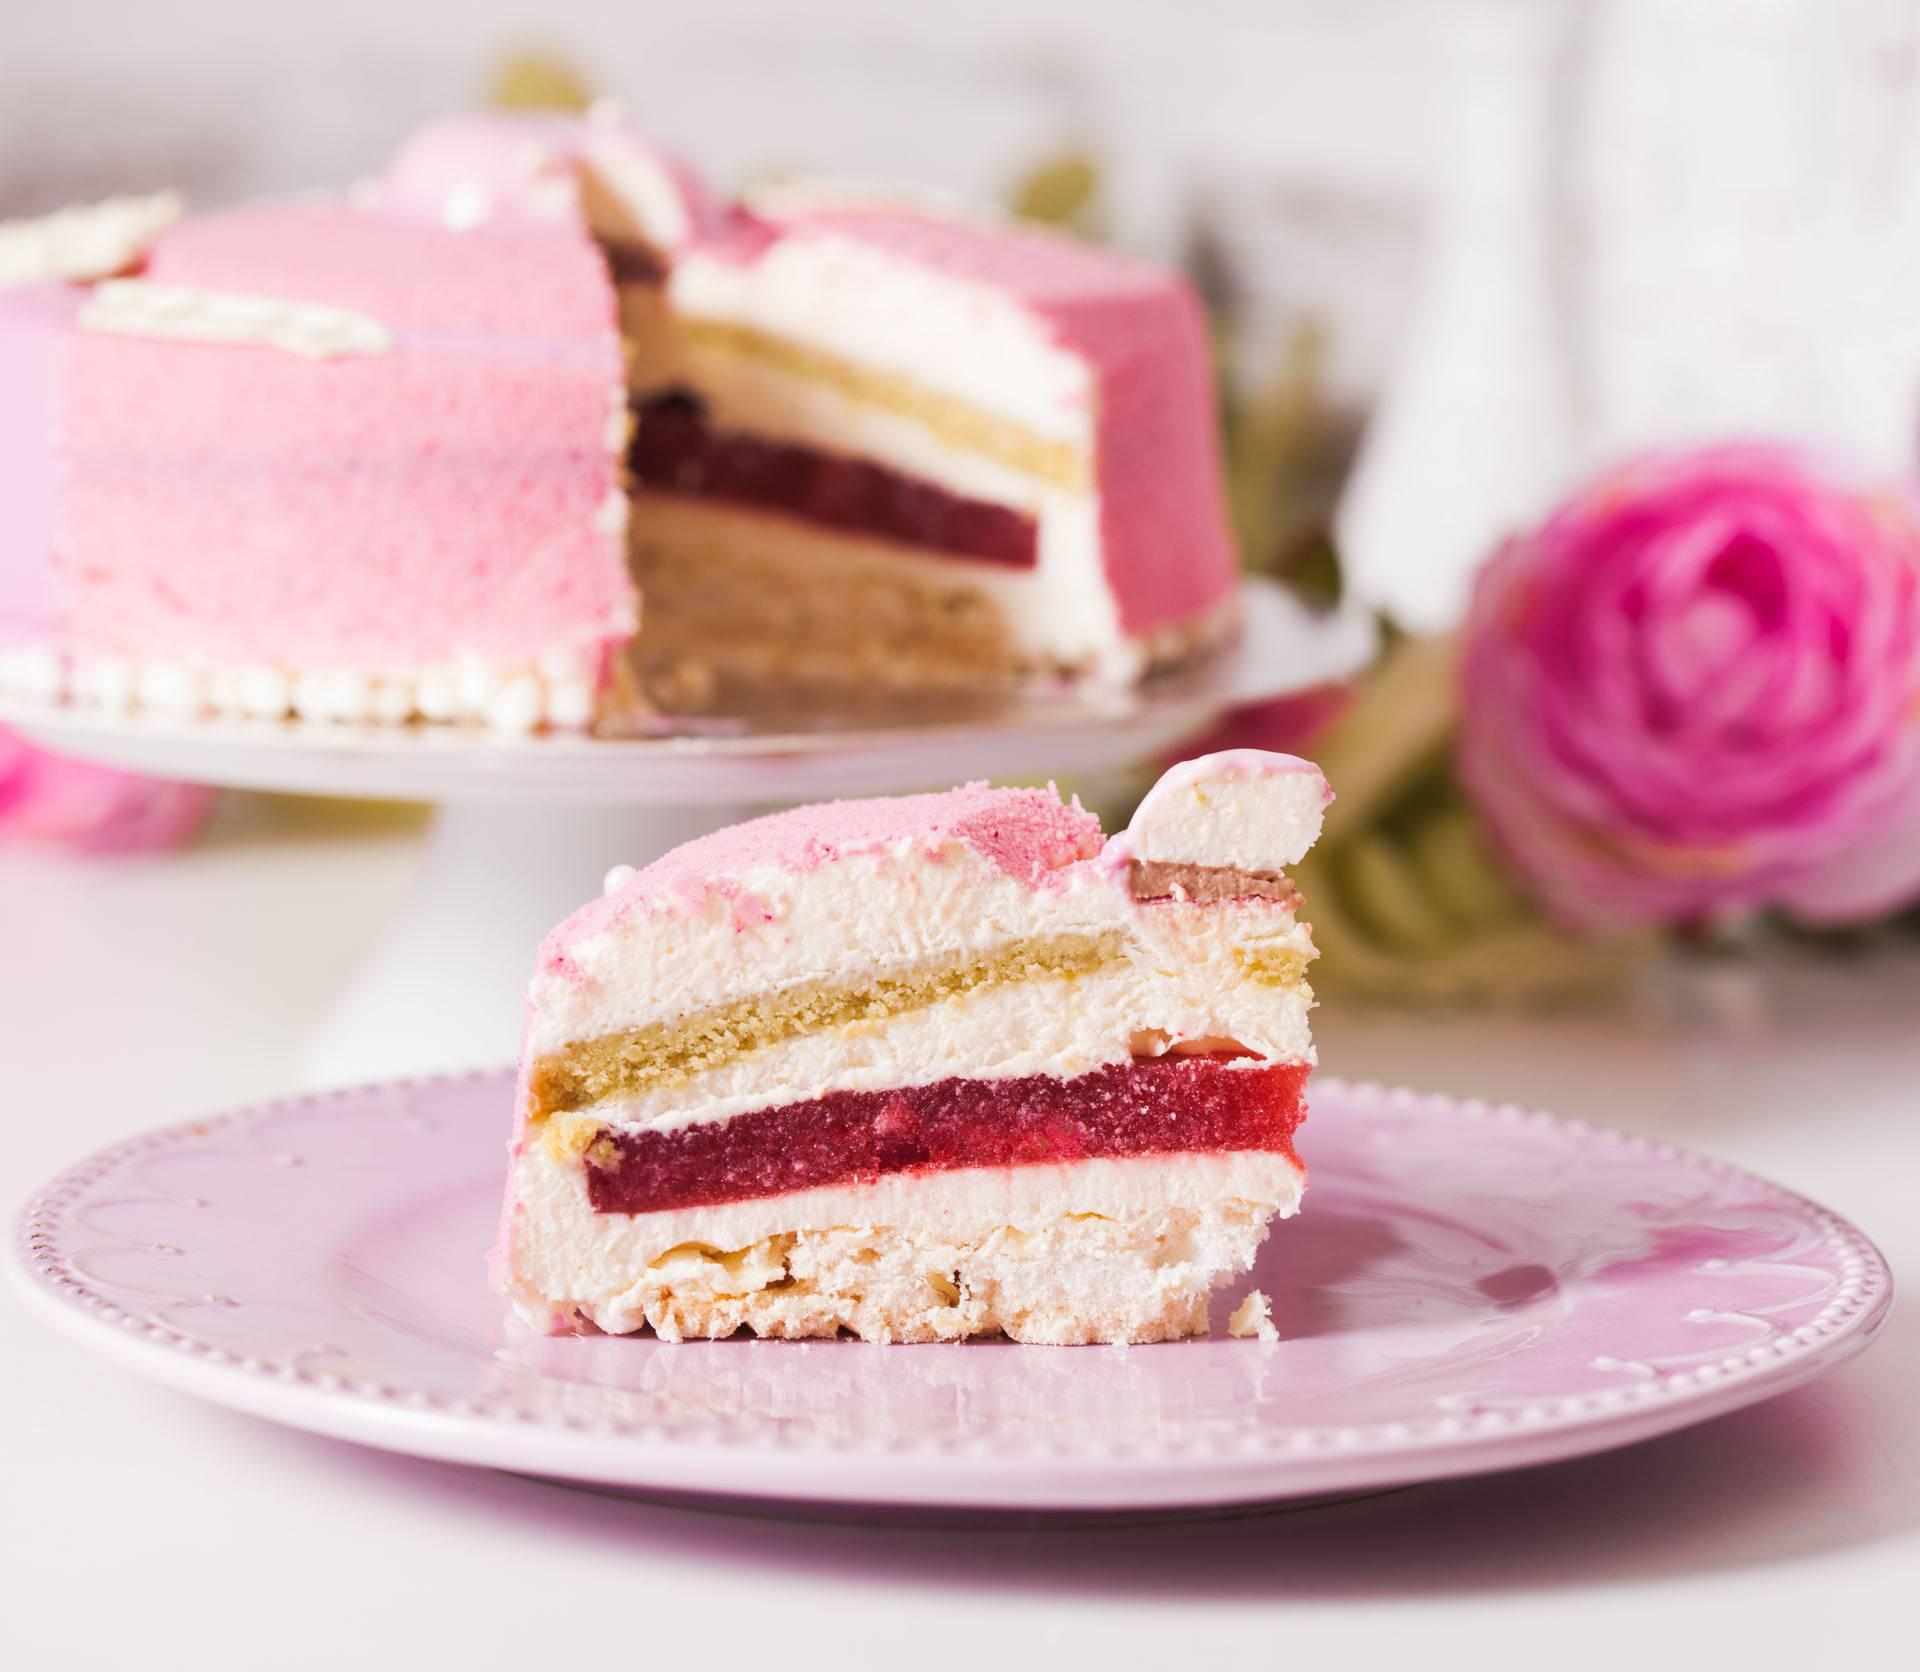 Ideja za savršen desert: Torta od piškota i jagoda iz kompota